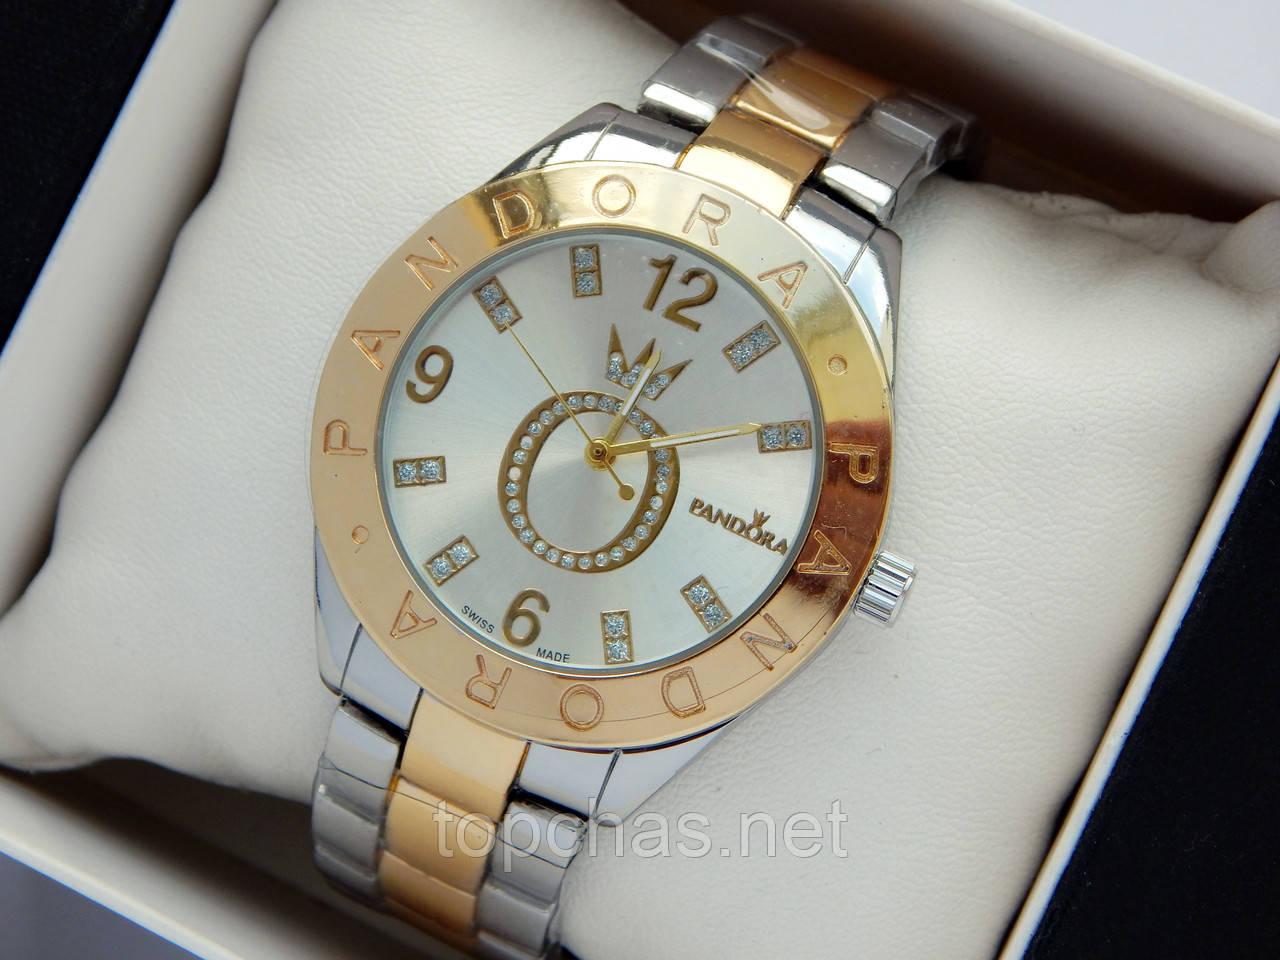 29afd943ae72 Женские часы Pandora комбинированного цвета cо стразами на логотипе ...